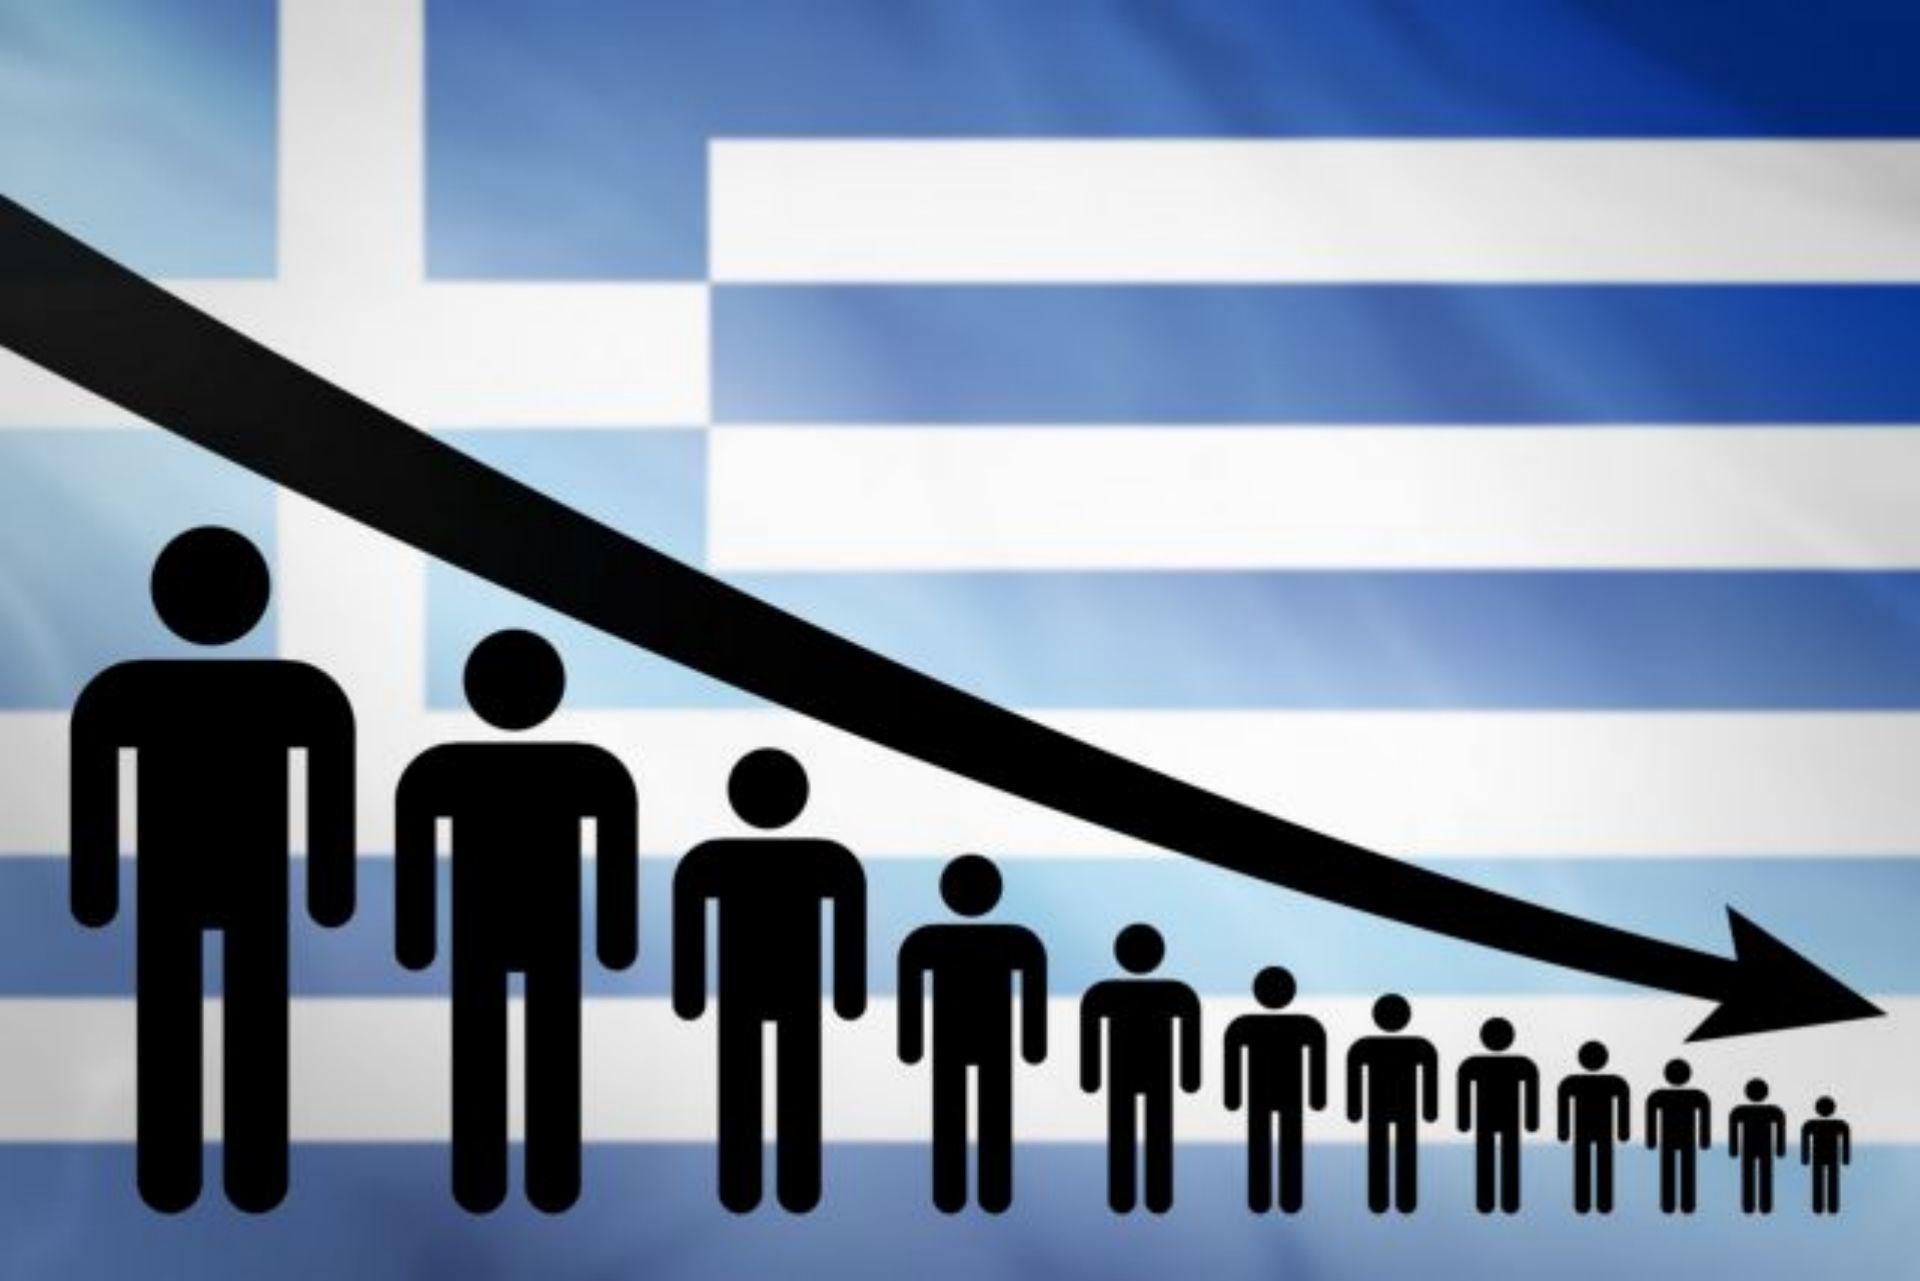 Η συνεχόμενη μείωση του πληθυσμού της Ελλάδα κακός οιωνός για το μέλλον της  - Neos Kosmos